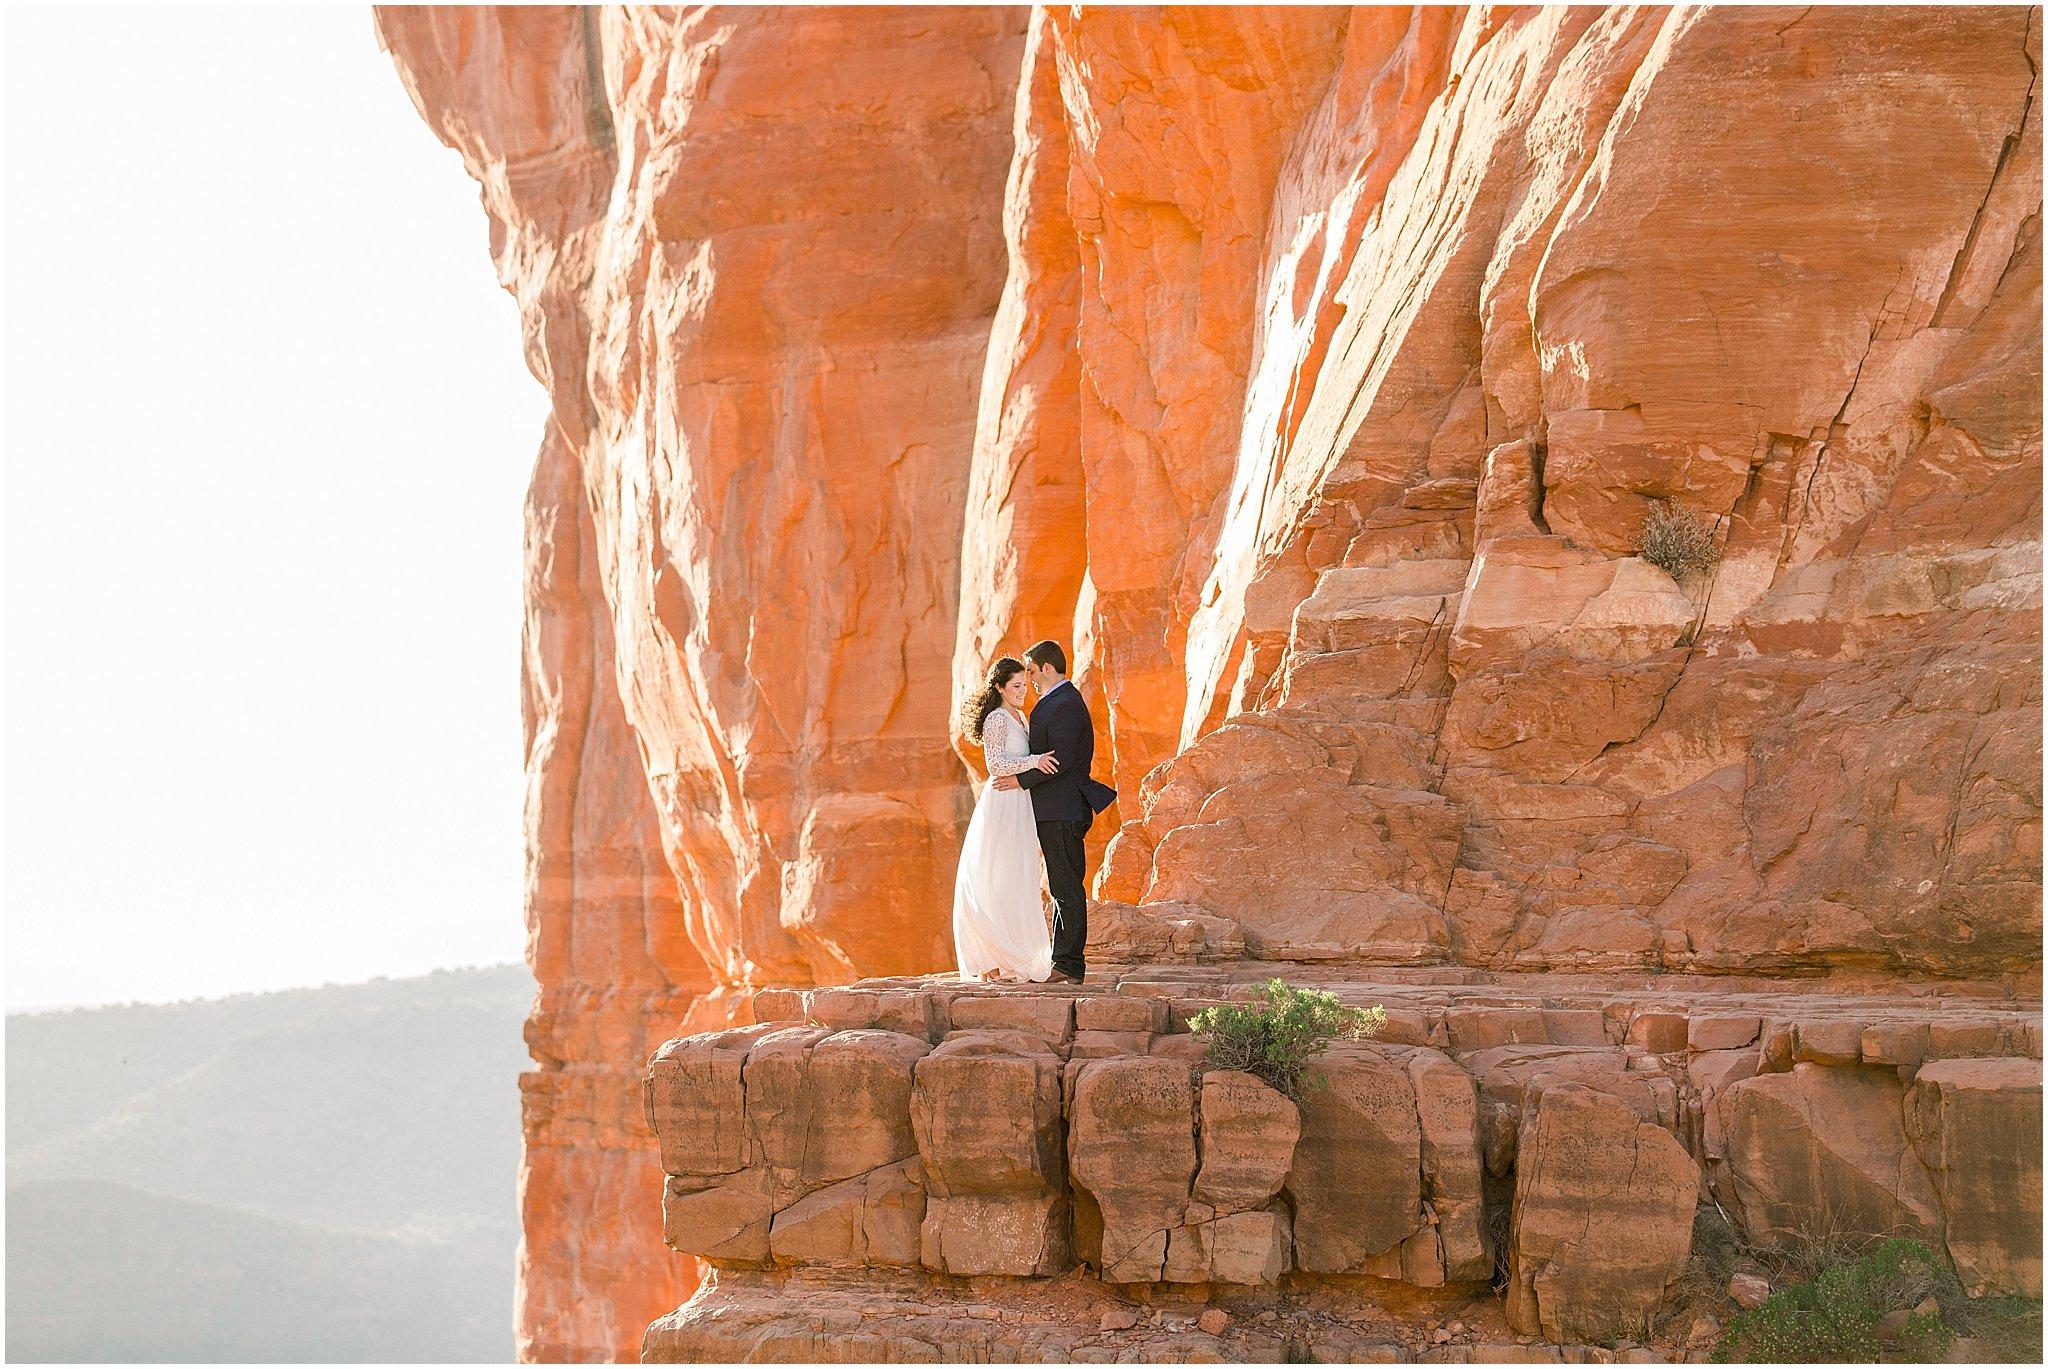 sedona-arizona-engagement-photographer_0019.jpg